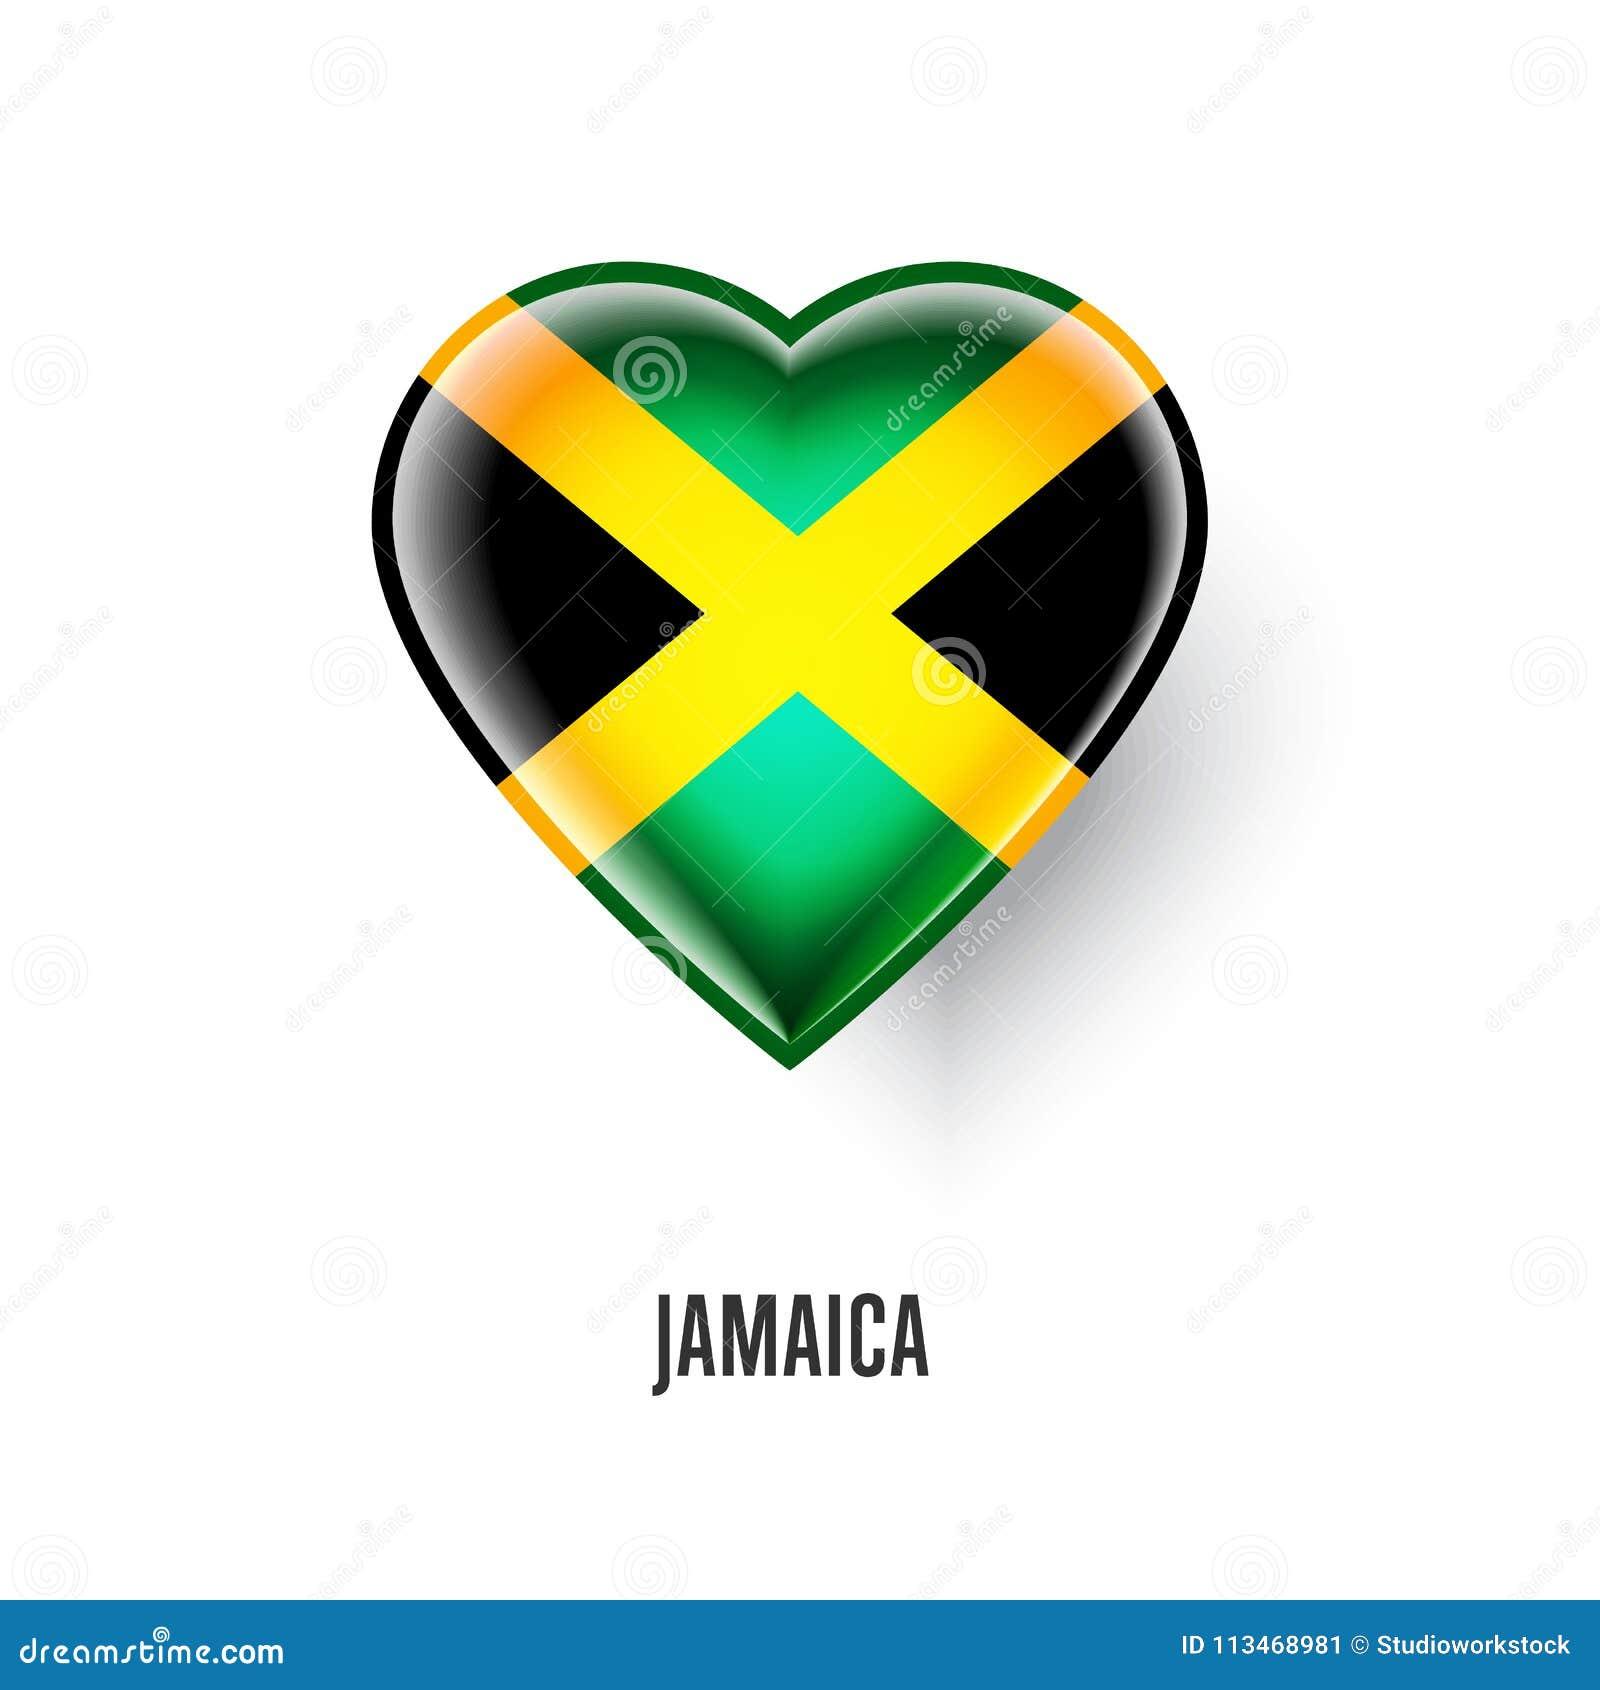 Patriotic heart symbol with jamaica flag